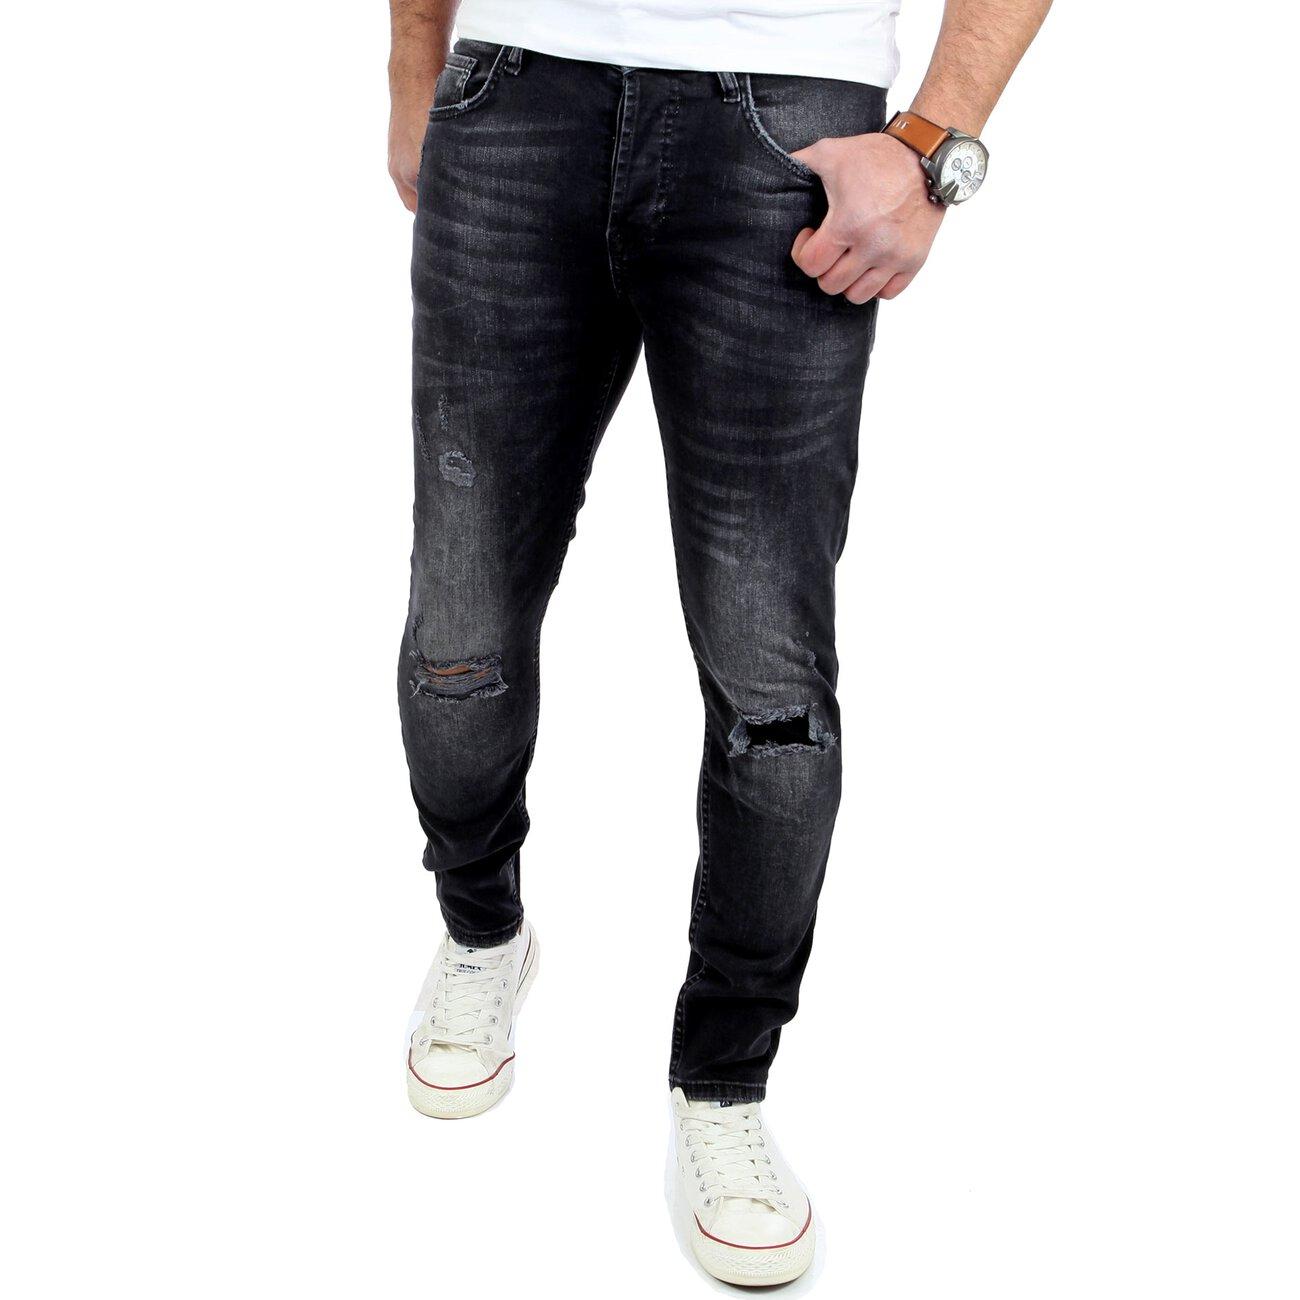 Herren jeans hosen kaufen